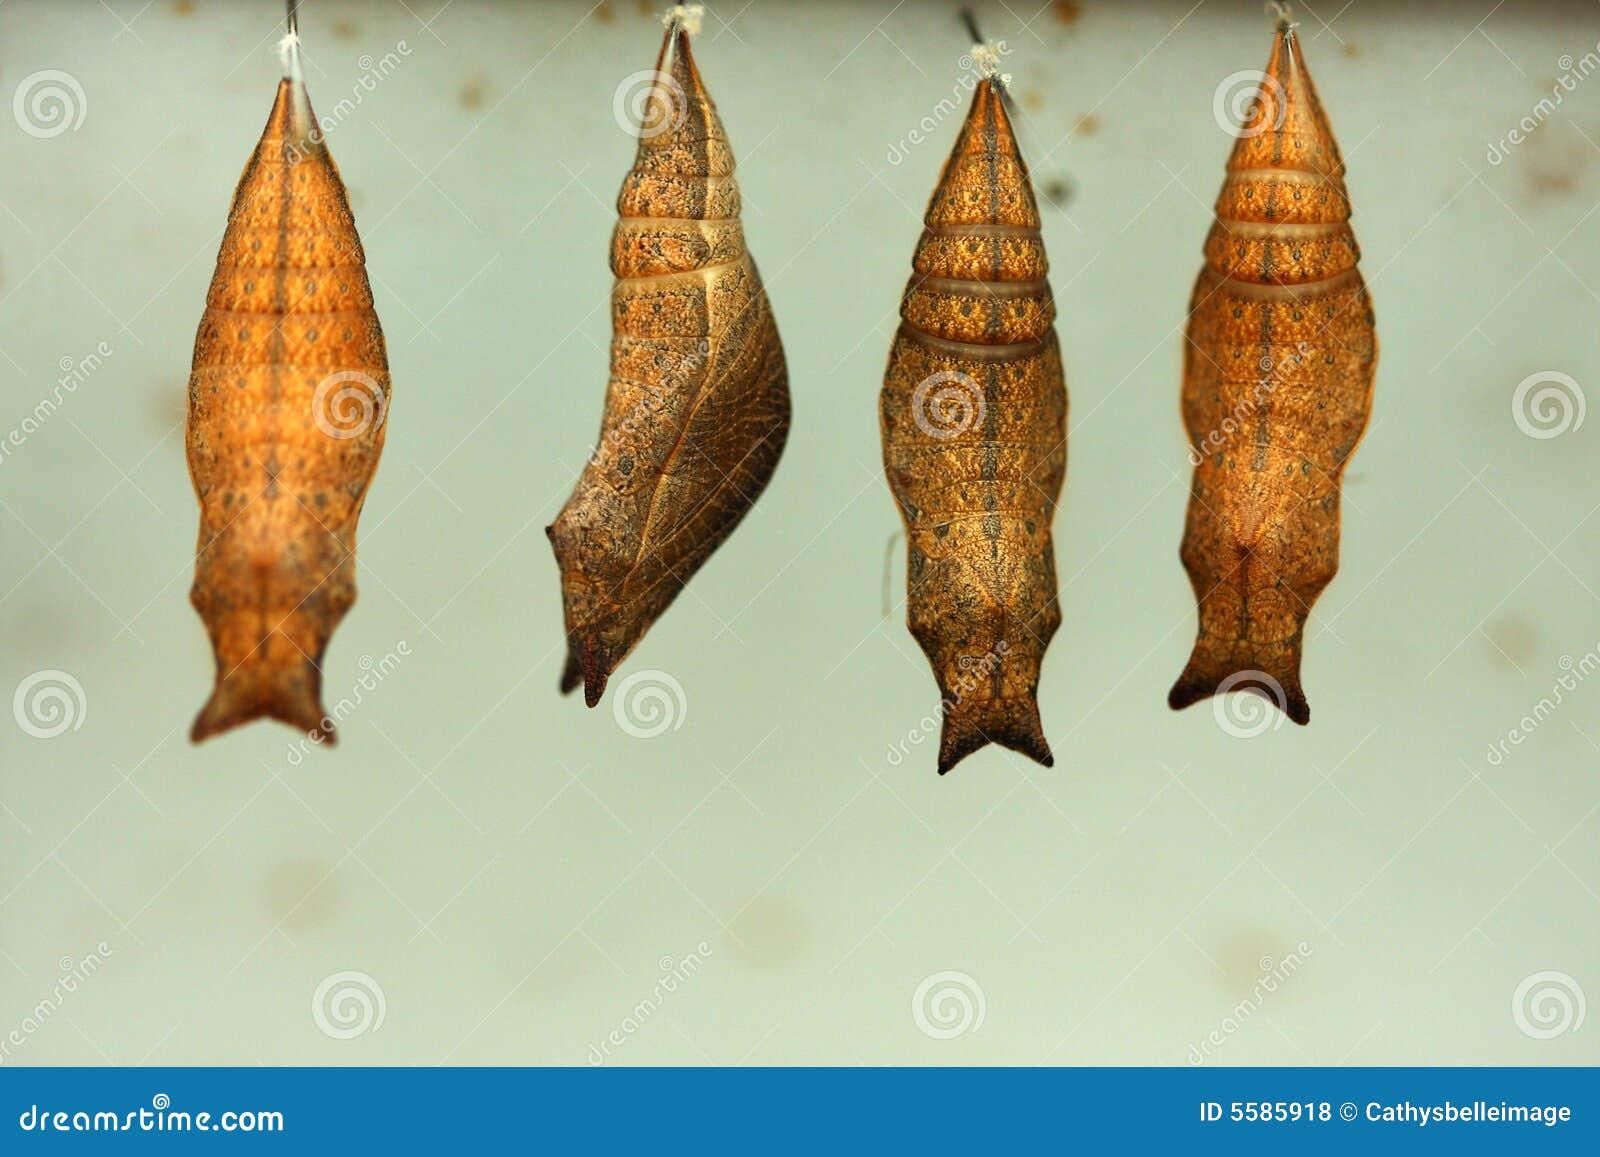 kokon stockfoto bild von chrysalis insekte schwangerschaft 5585918. Black Bedroom Furniture Sets. Home Design Ideas